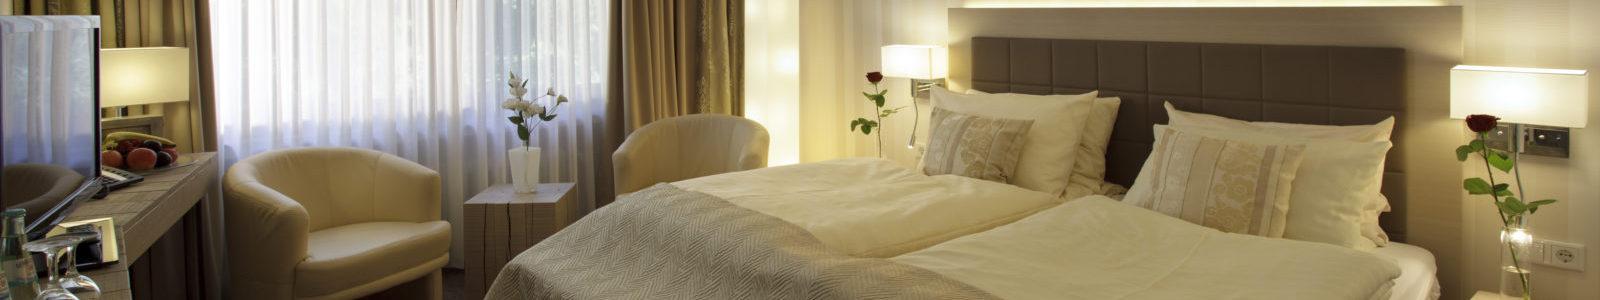 Zimmer mit Doppelbett im Stammhaus